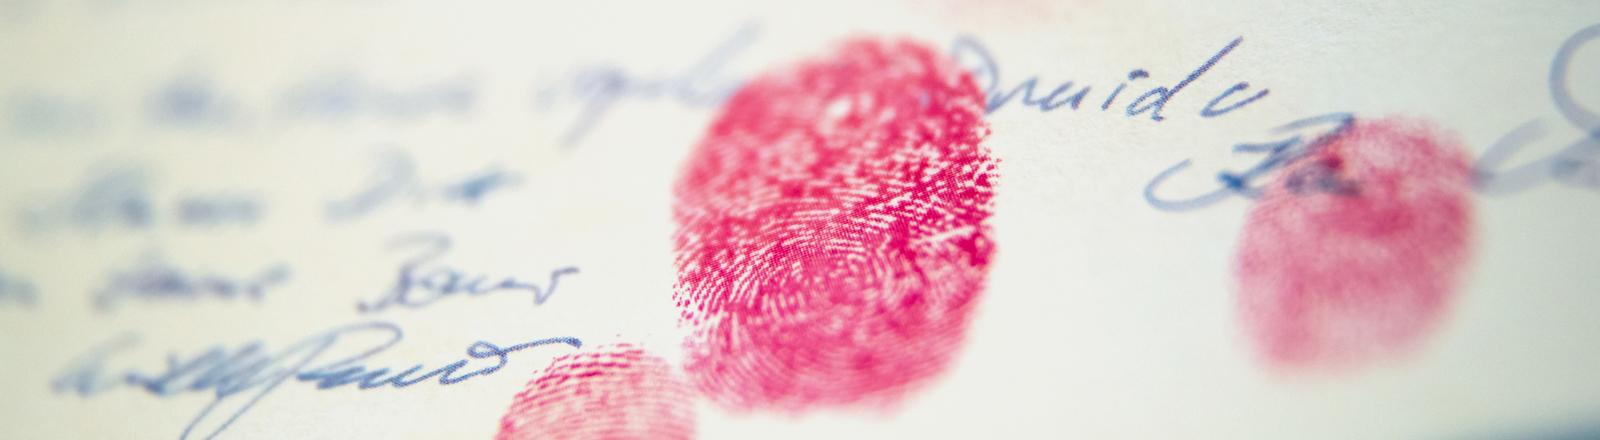 """Ein mit Fingerabdrücken in roter Farbe unterzeichnetes Dokument des Reichsbürgers Wolfgang P., genannt """"Lebenderklärung""""."""